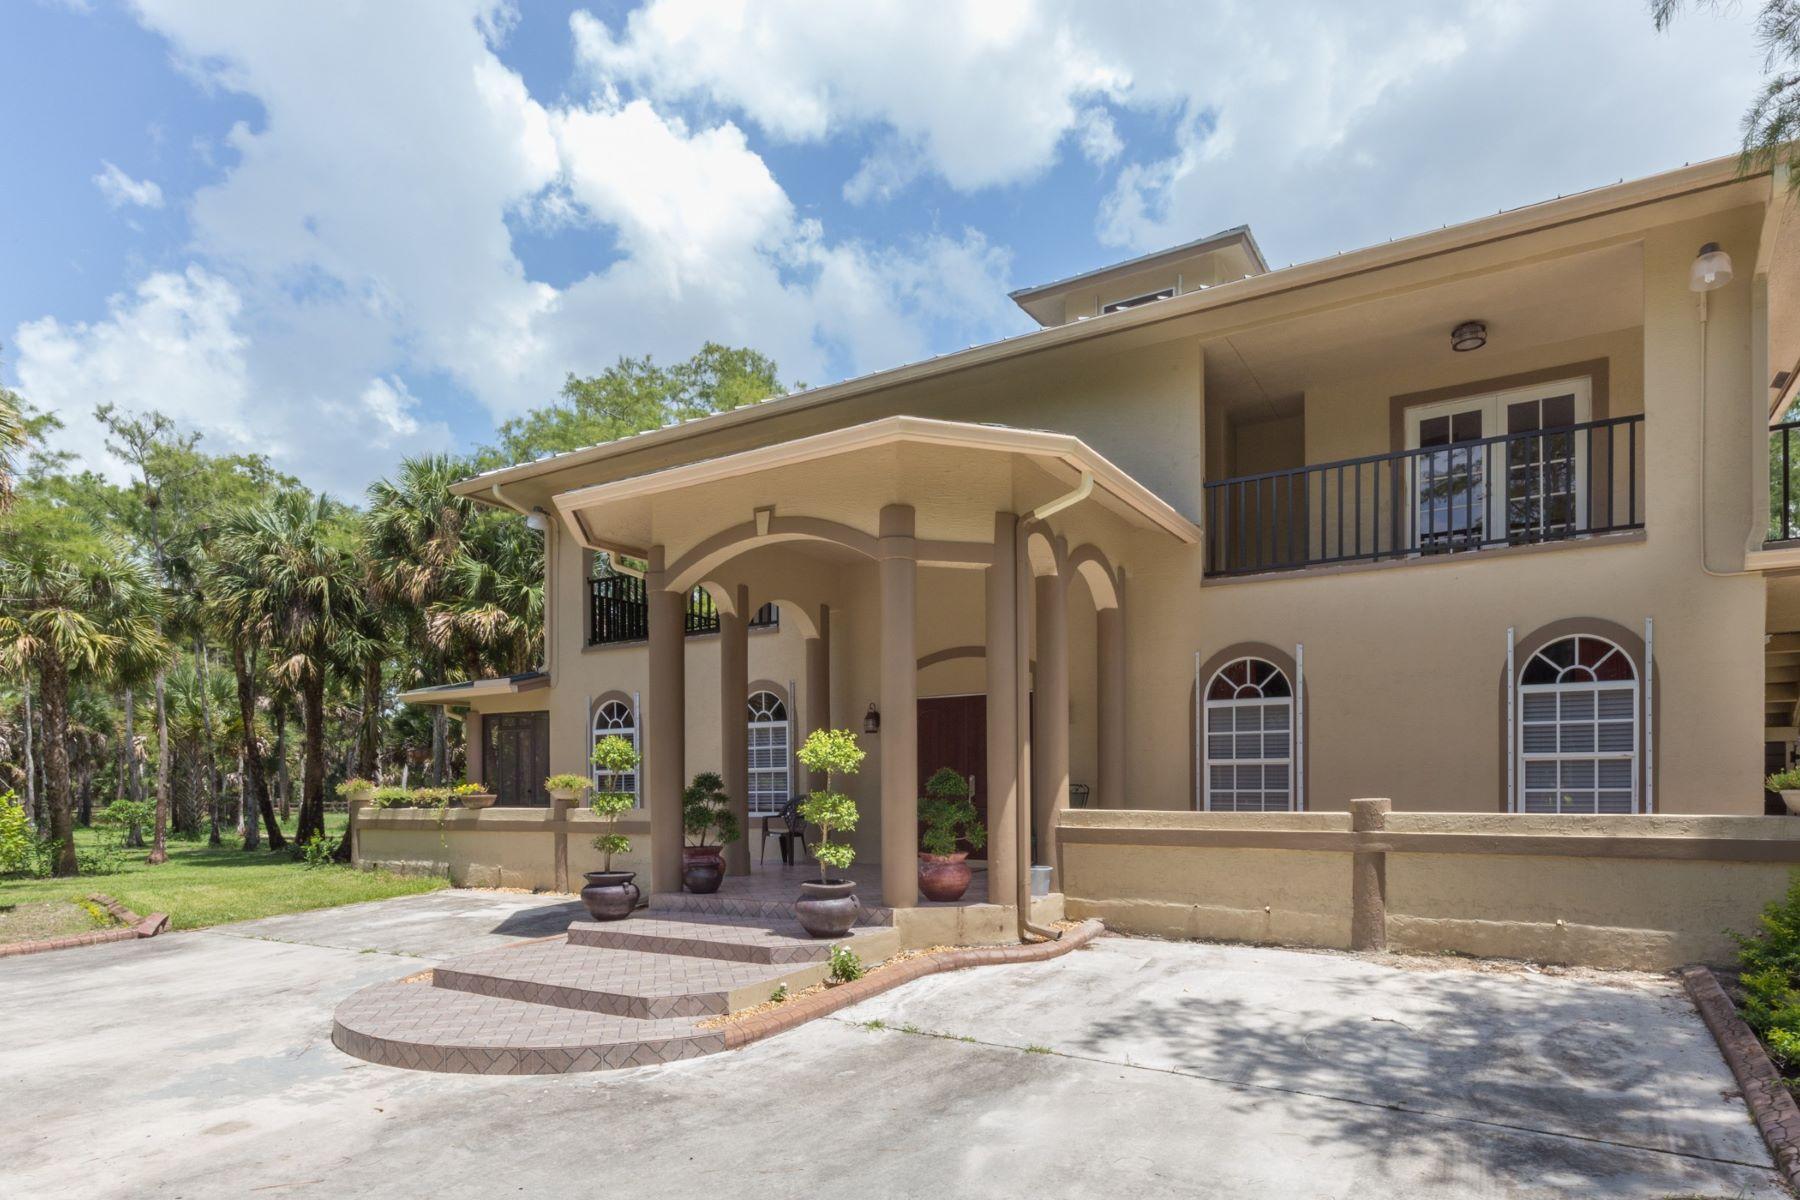 一戸建て のために 売買 アット 1154 Gallop Drive Loxahatchee, フロリダ, 33470 アメリカ合衆国